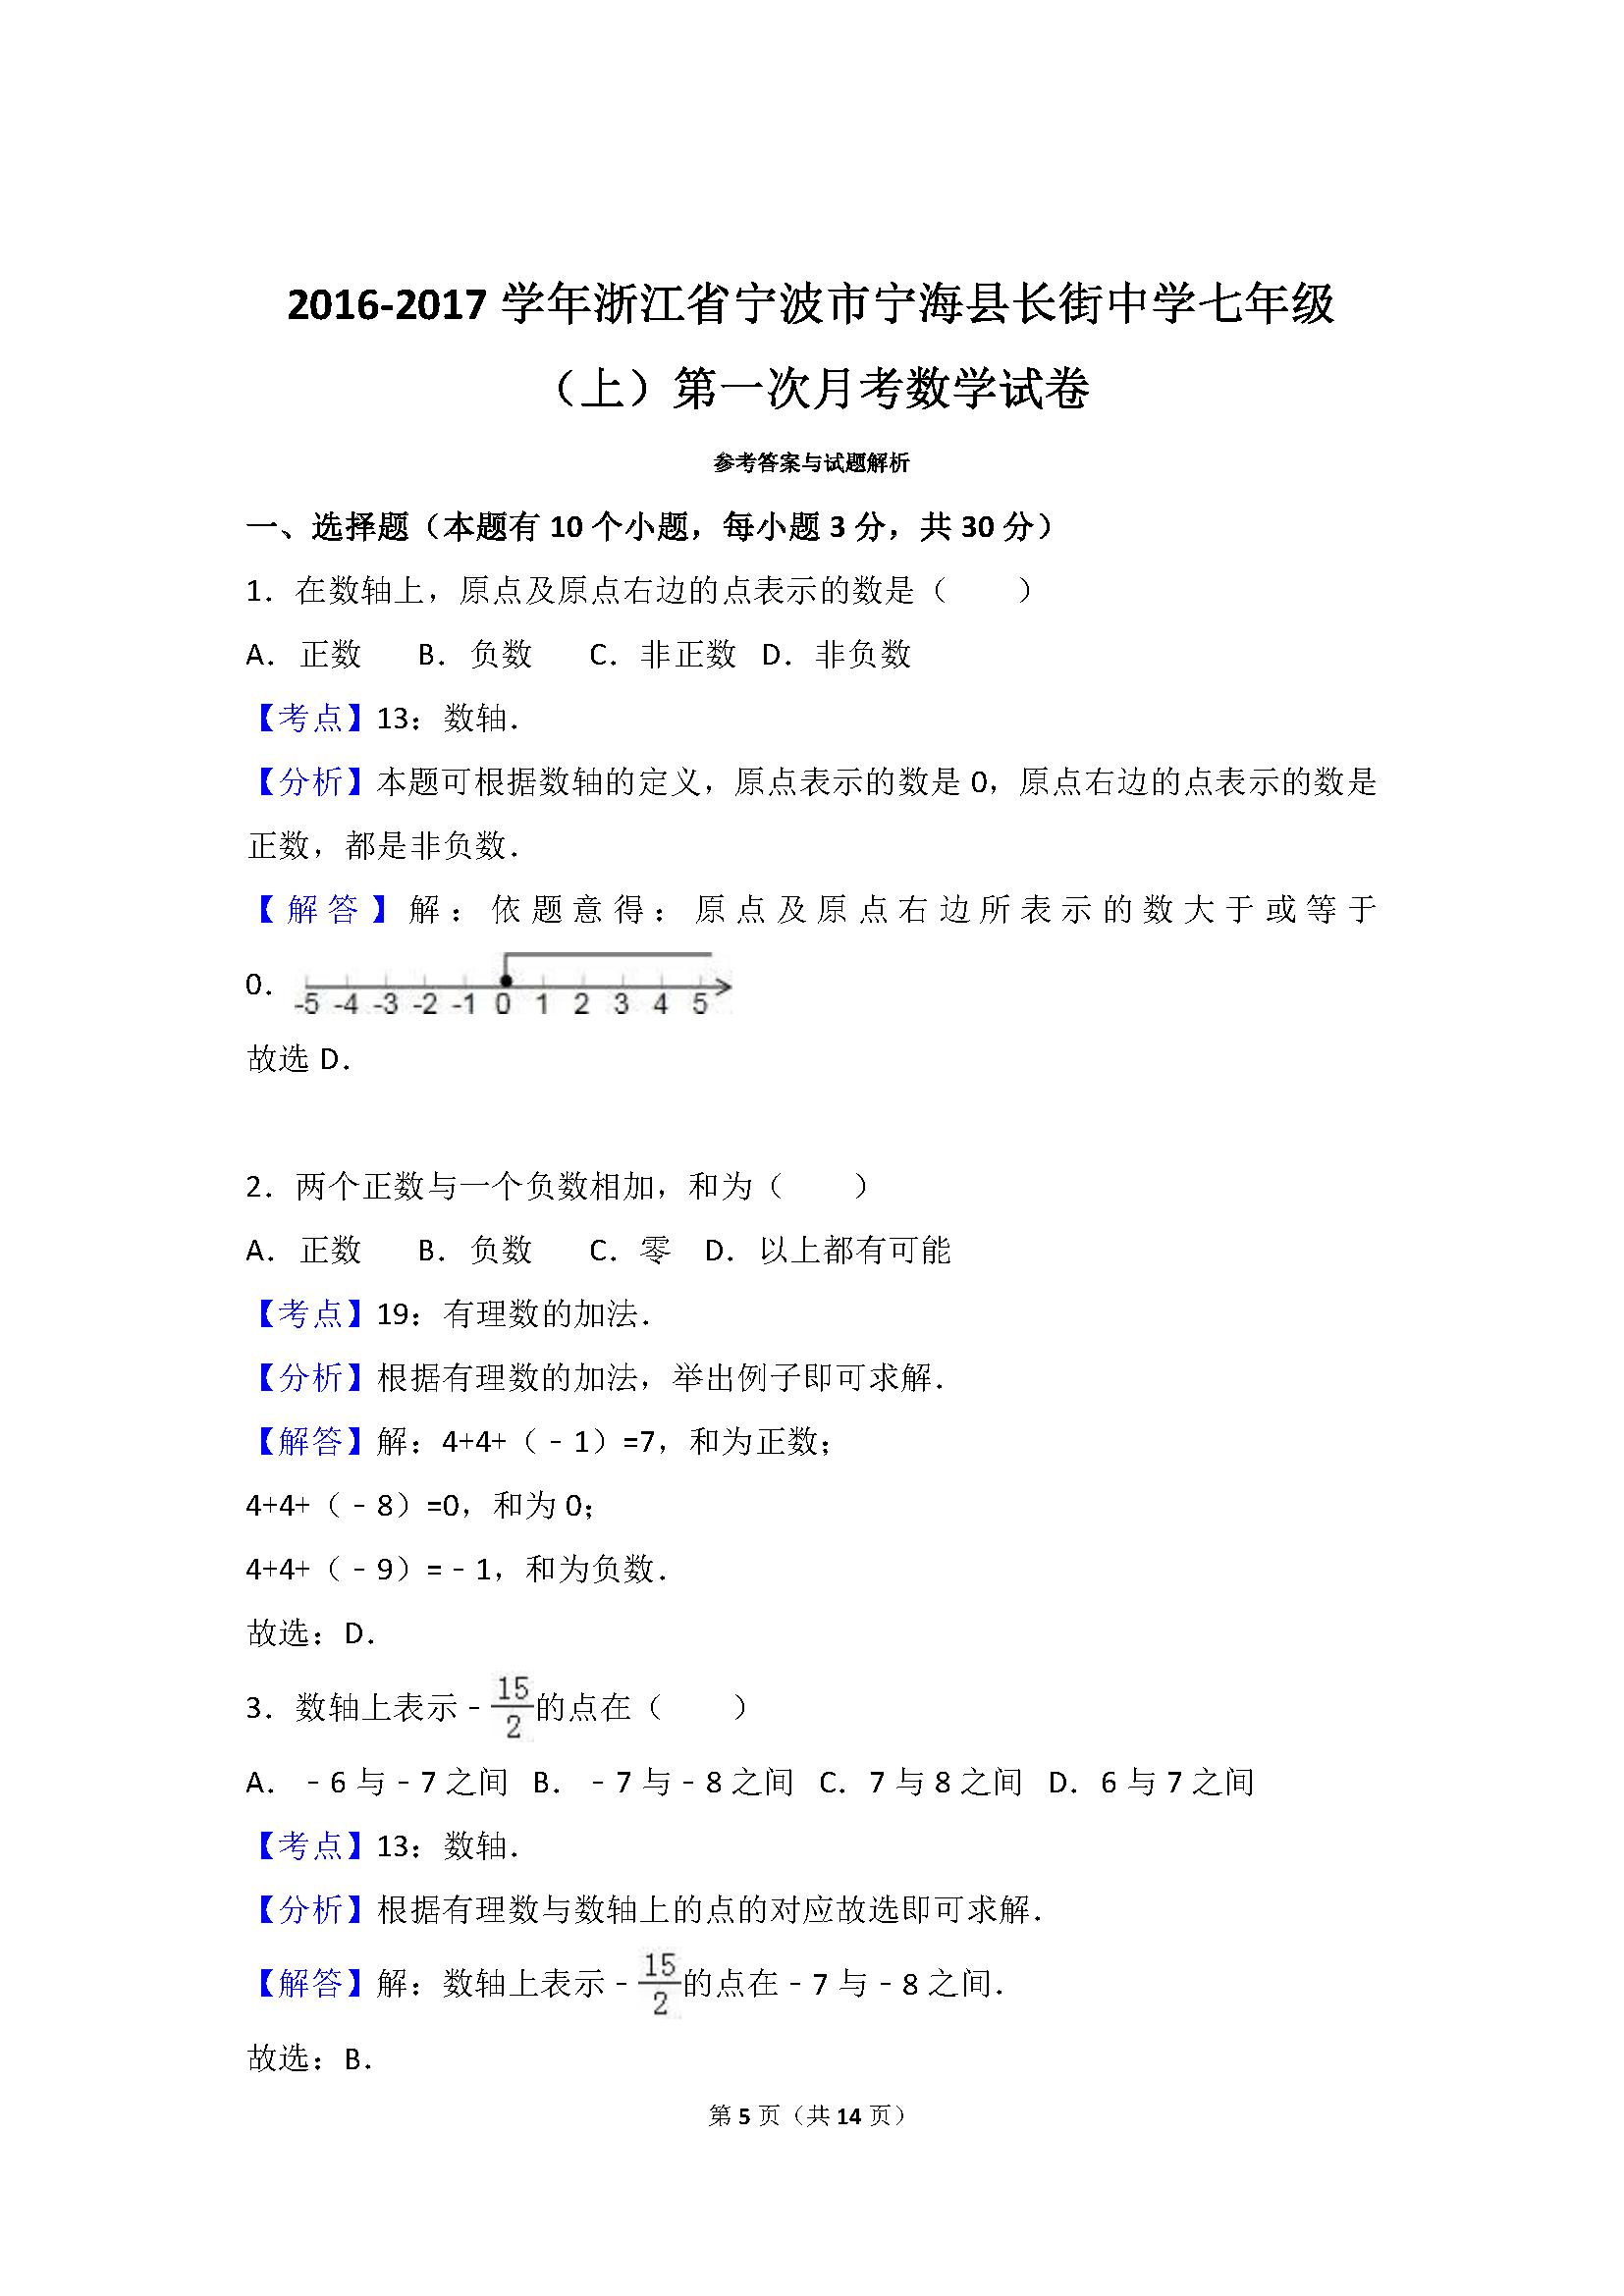 2017浙江宁波七年级上第一次月考数学试卷答案(图片版)